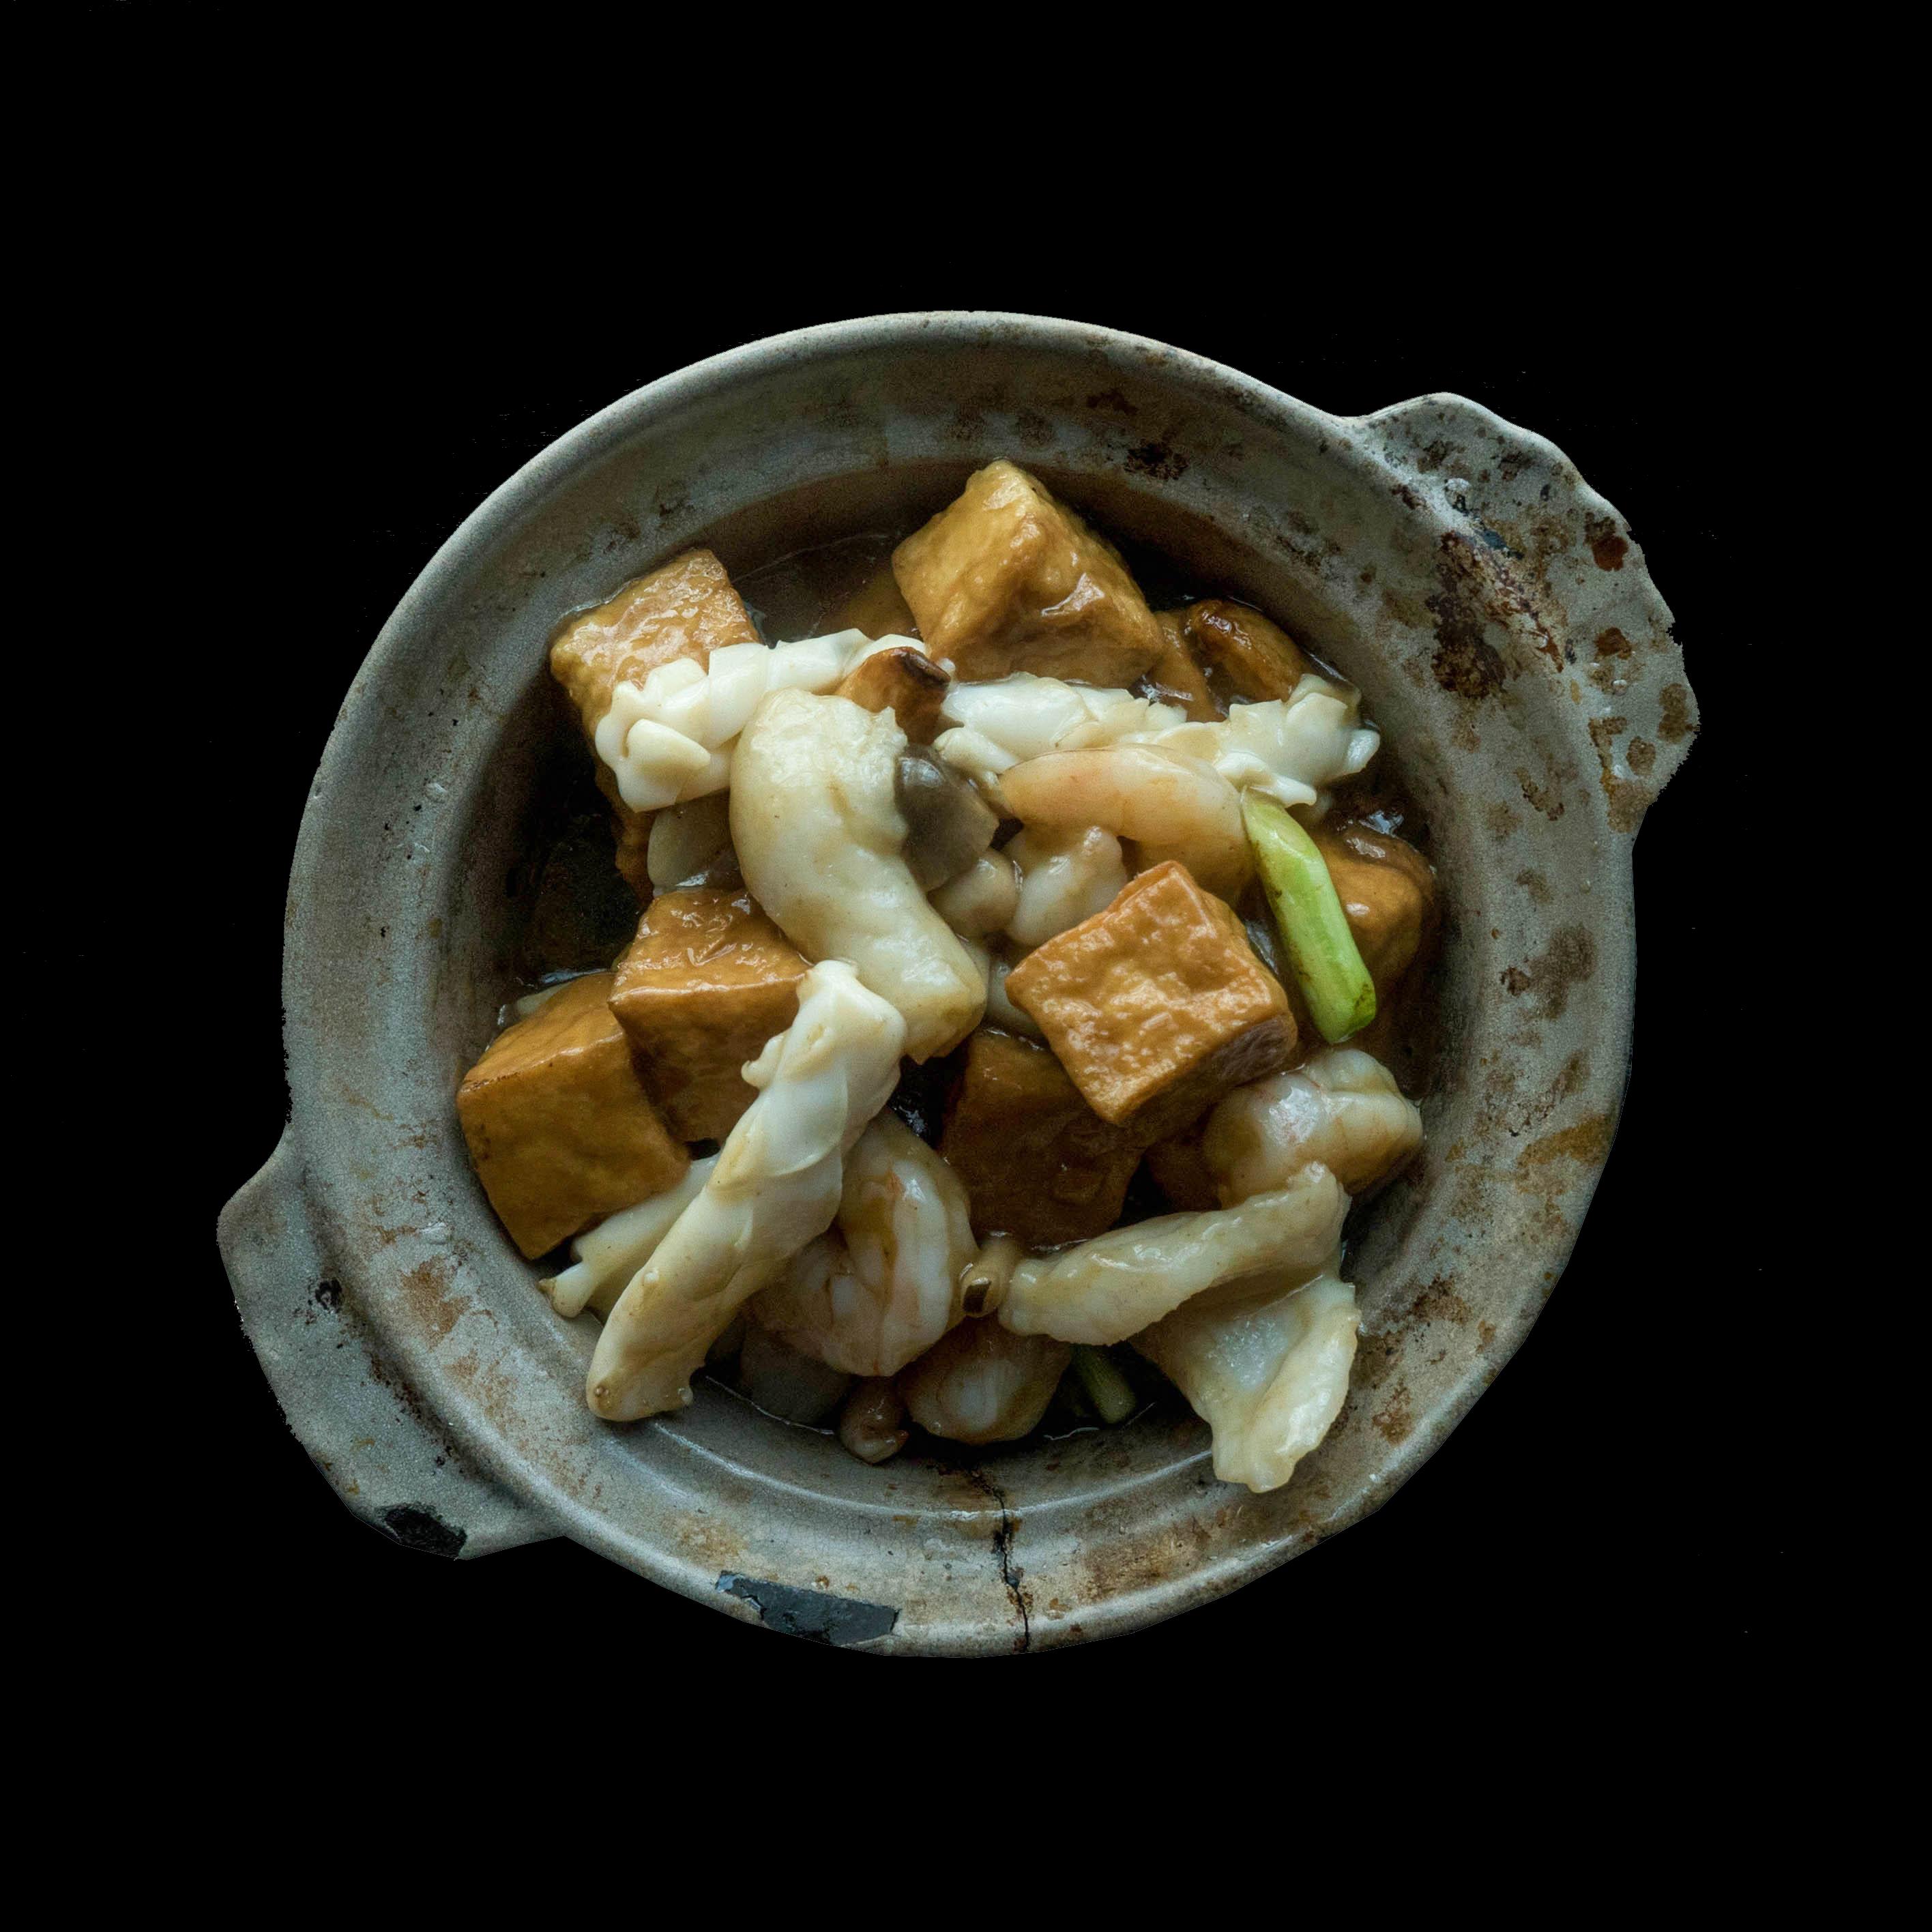 99. 海鲜豆腐煲 Seafood Braised Tofu Image